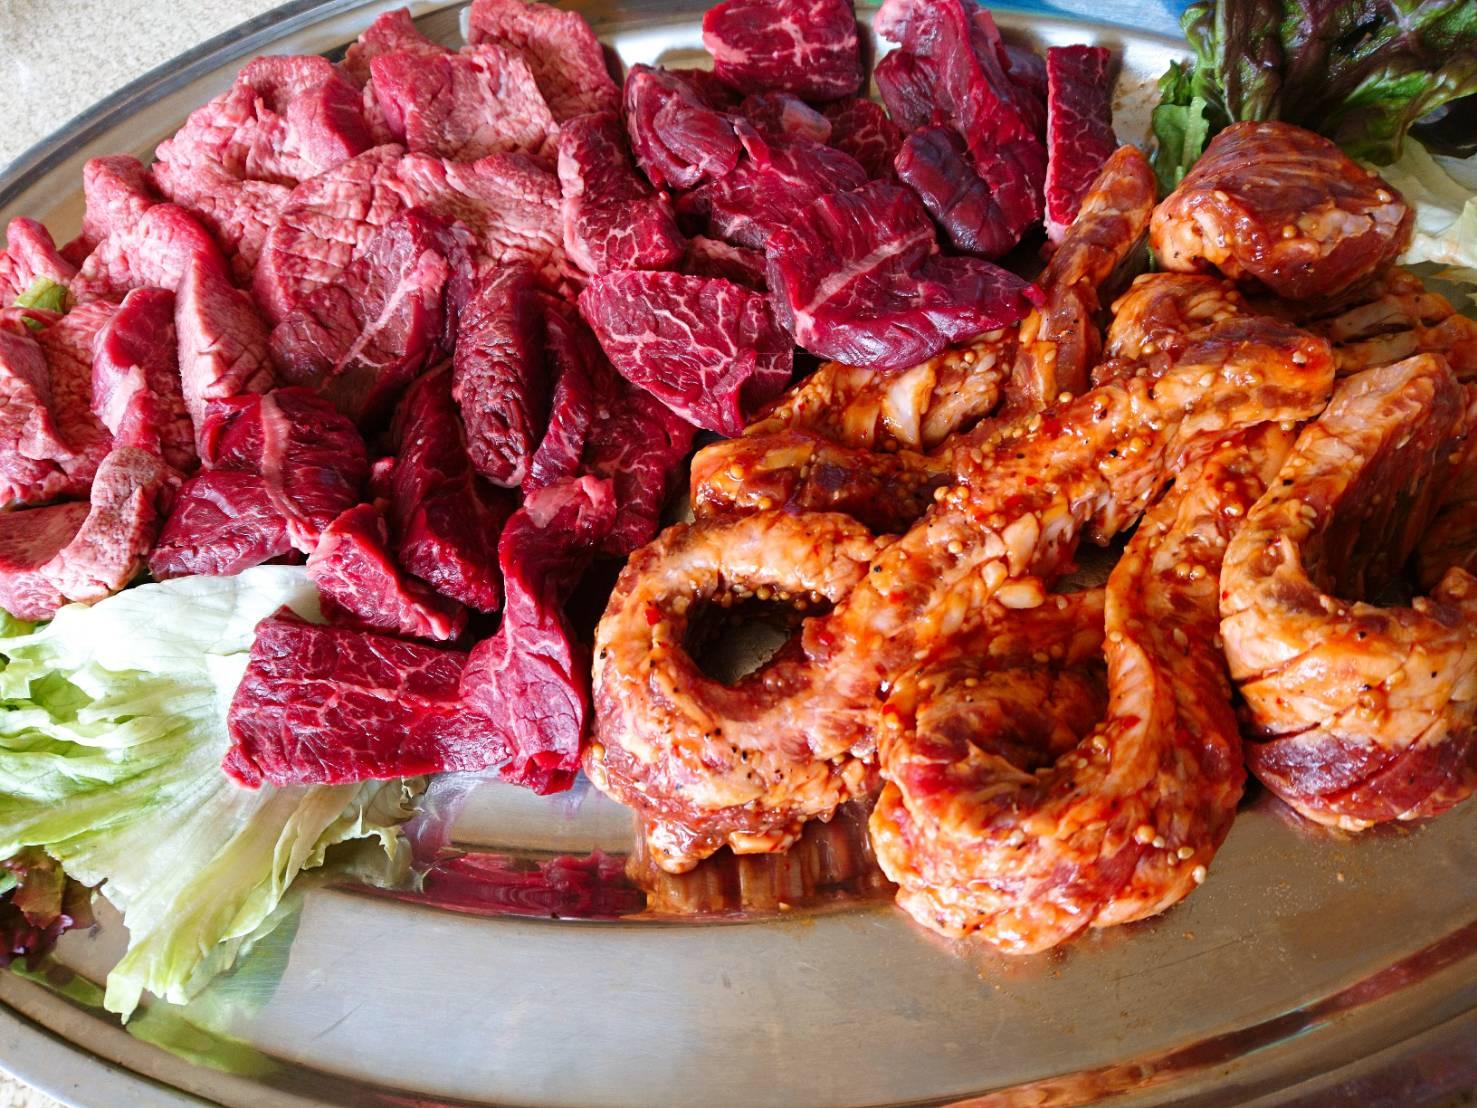 バーベキュー食材 牛肉